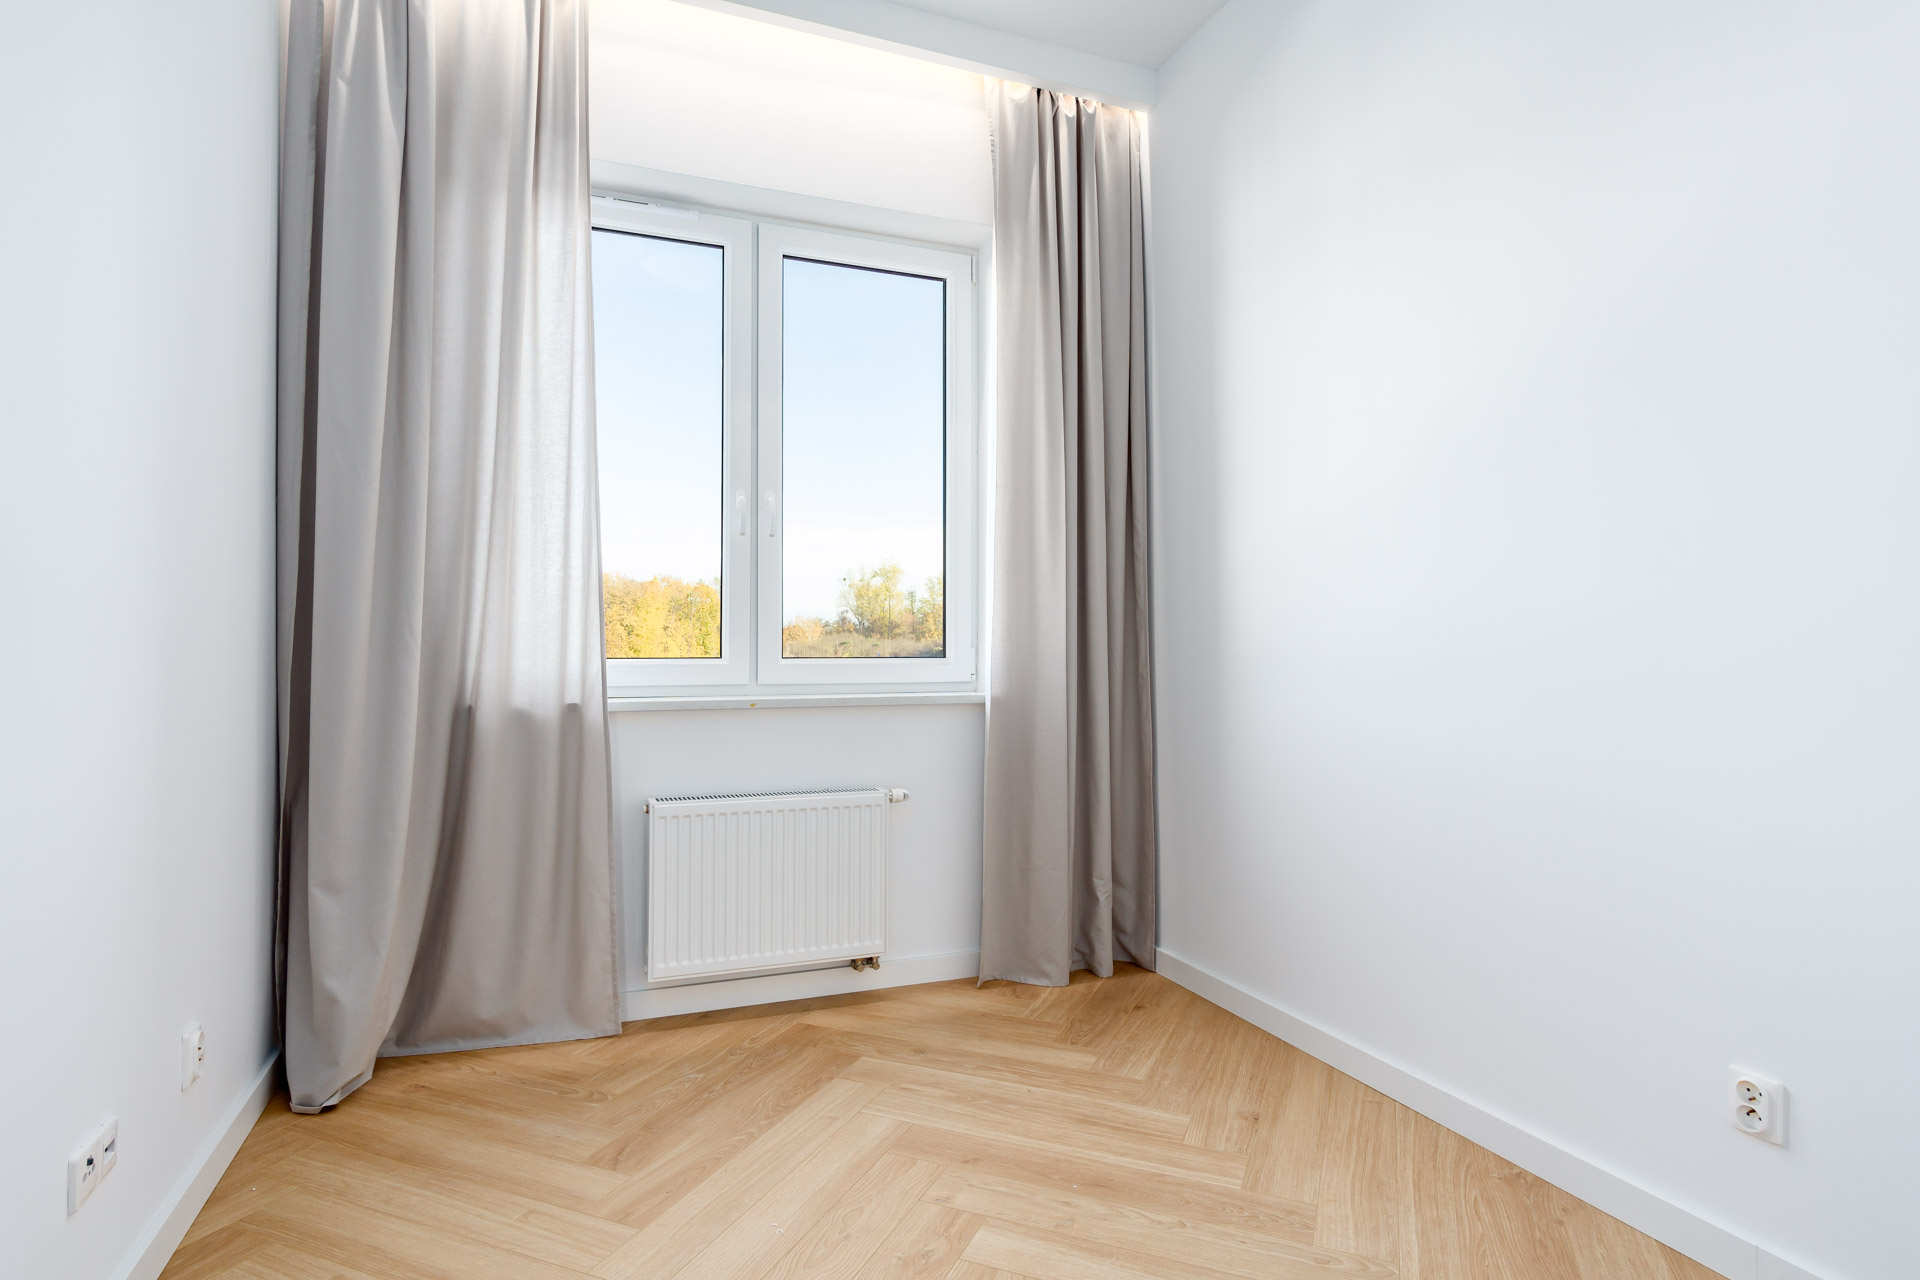 Sypialnia w nowym bloku z podłogą w jodełkę